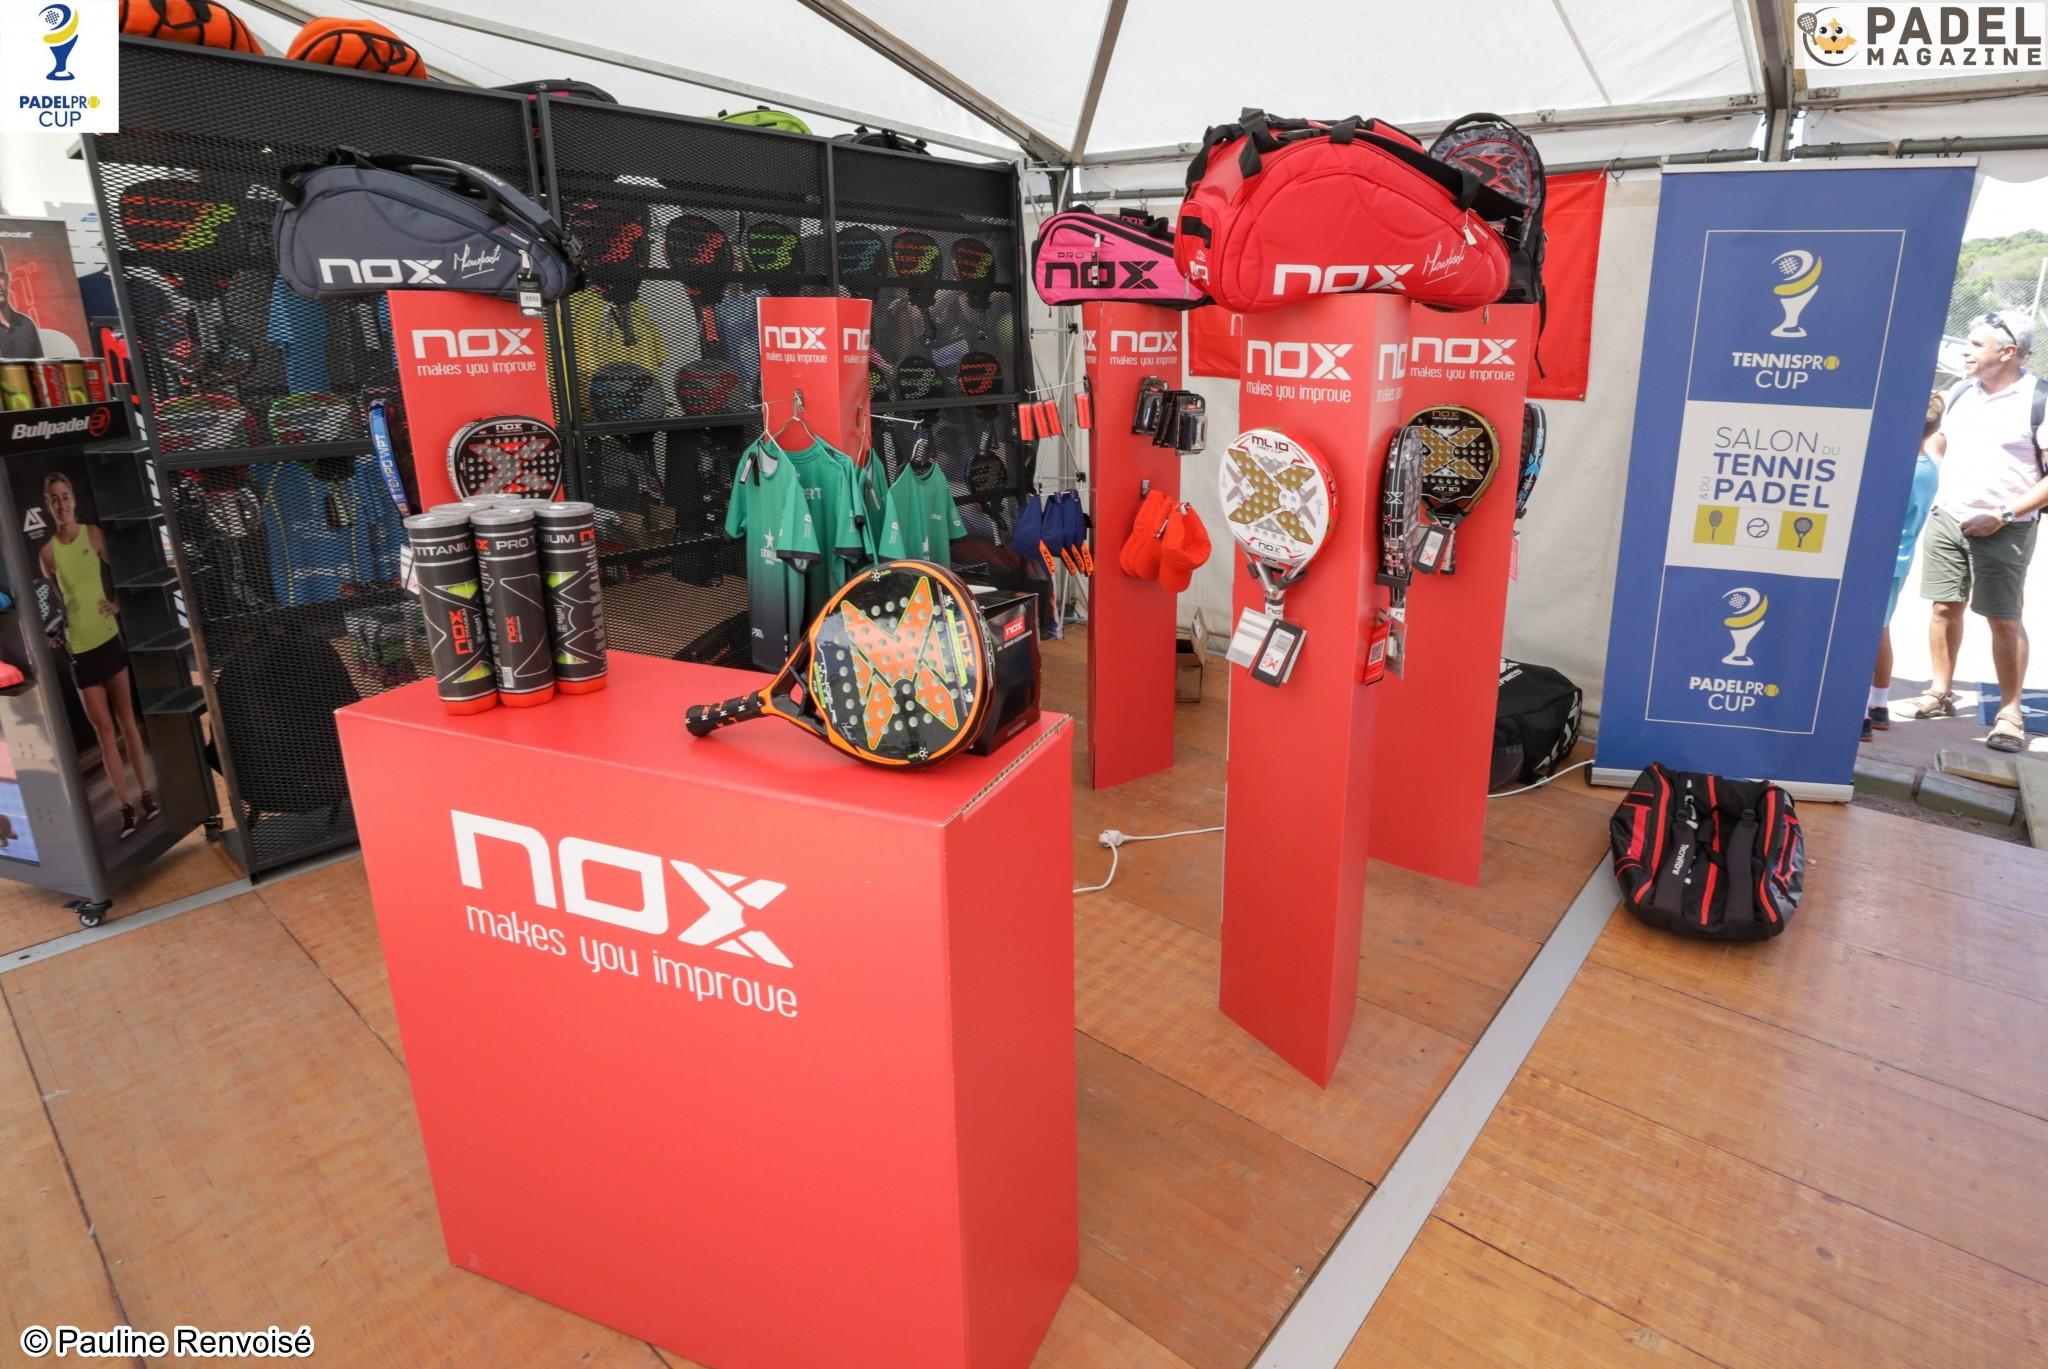 Wielowarstwowy rdzeń, innowacja Nox Padel